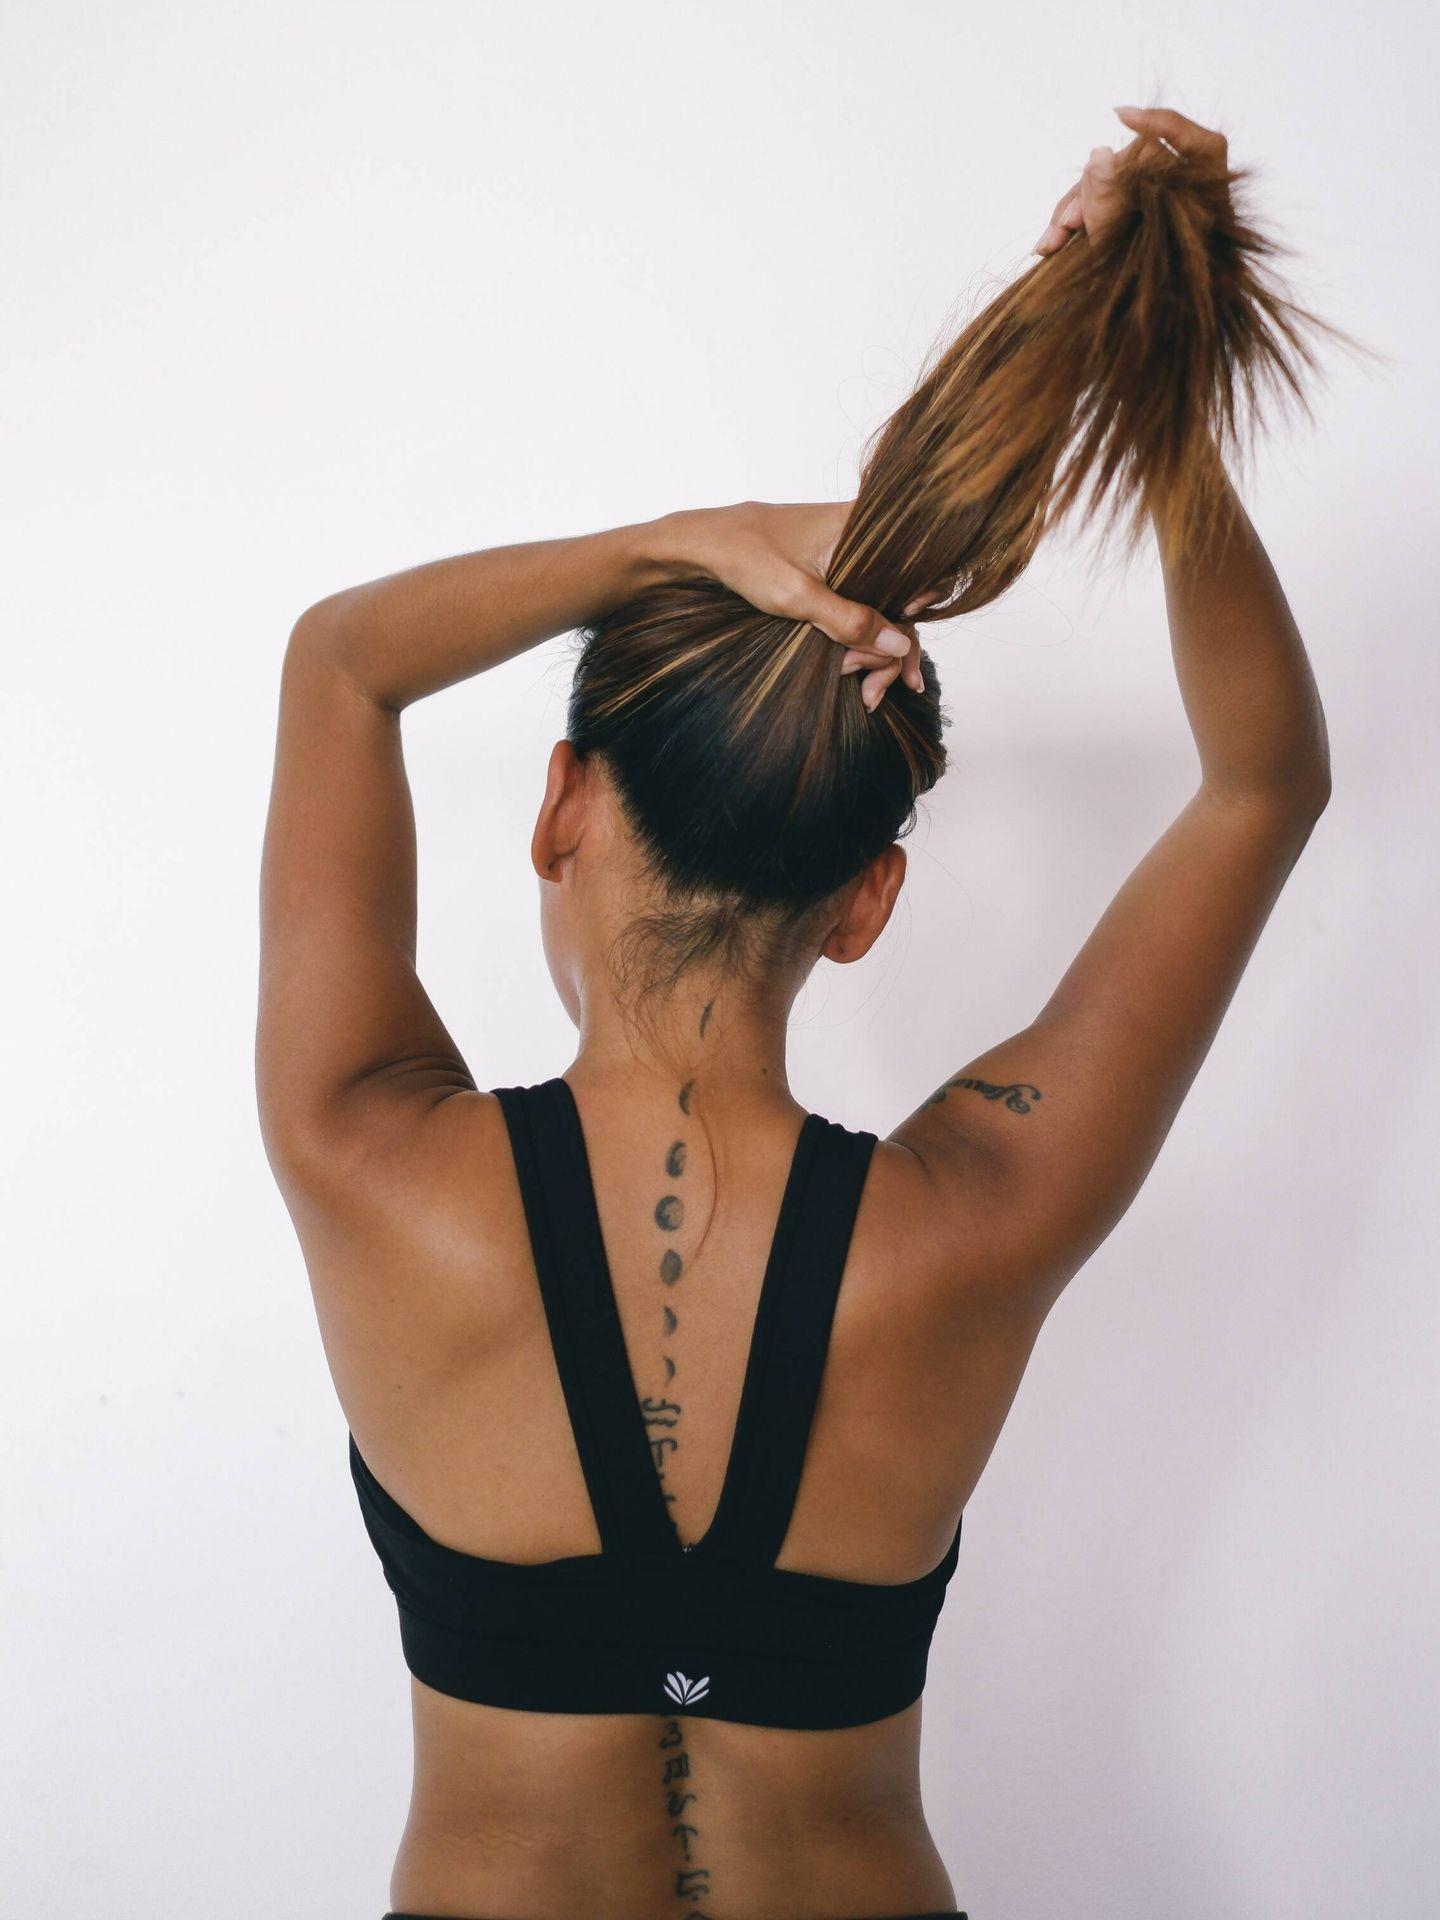 El ejercicio aeróbico puede hacer mucho por tu melena. (Emy para Unsplash)